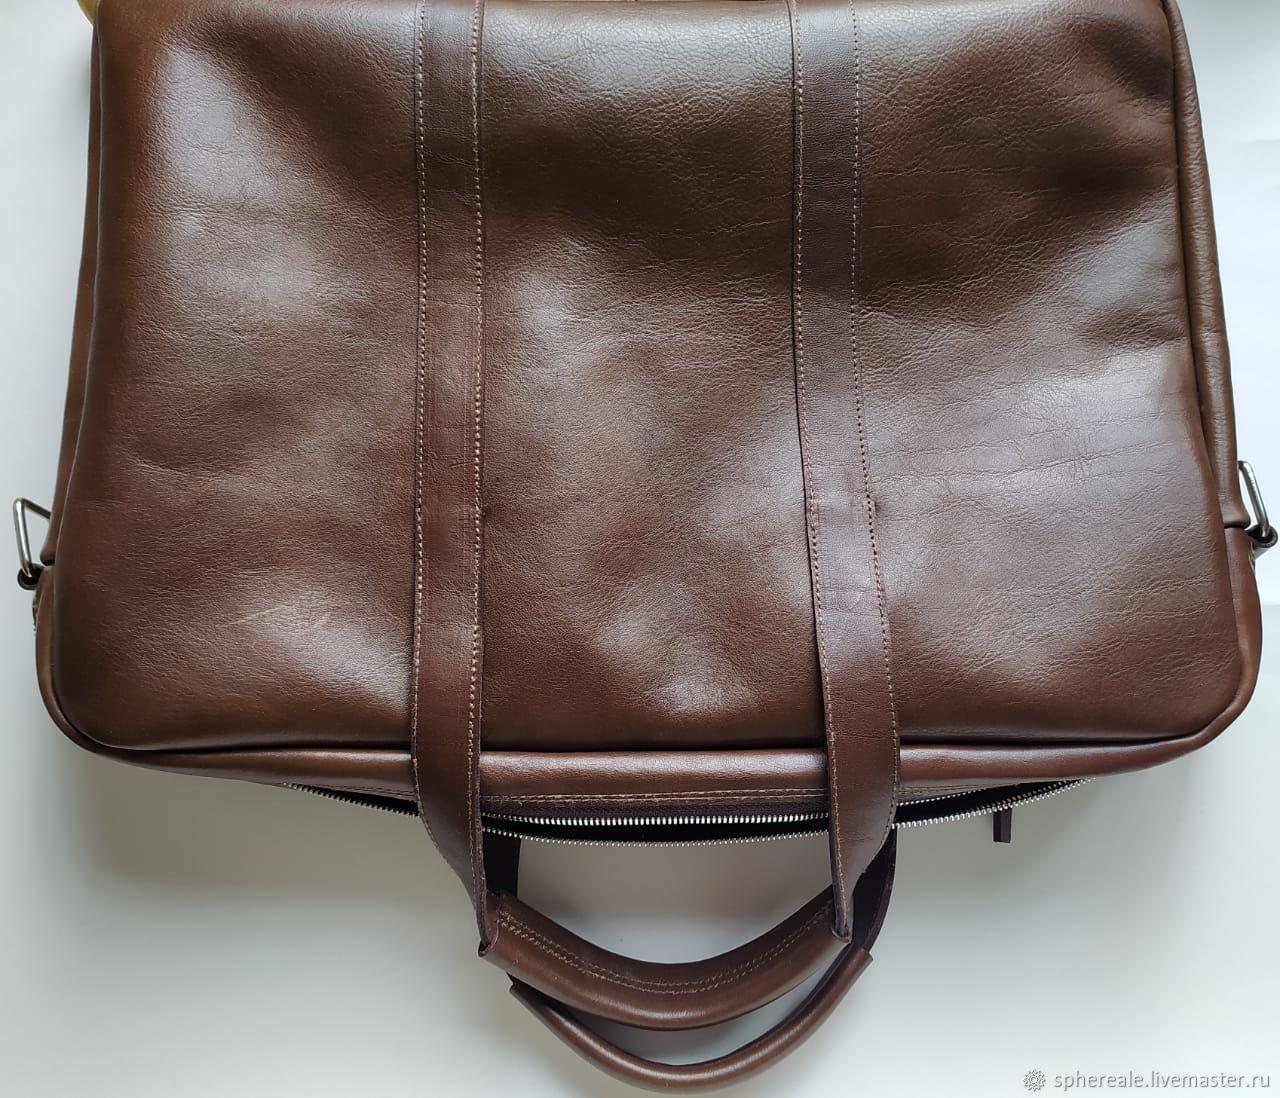 Сумка для ноутбука 17 дюймов, Мужская сумка, Москва,  Фото №1